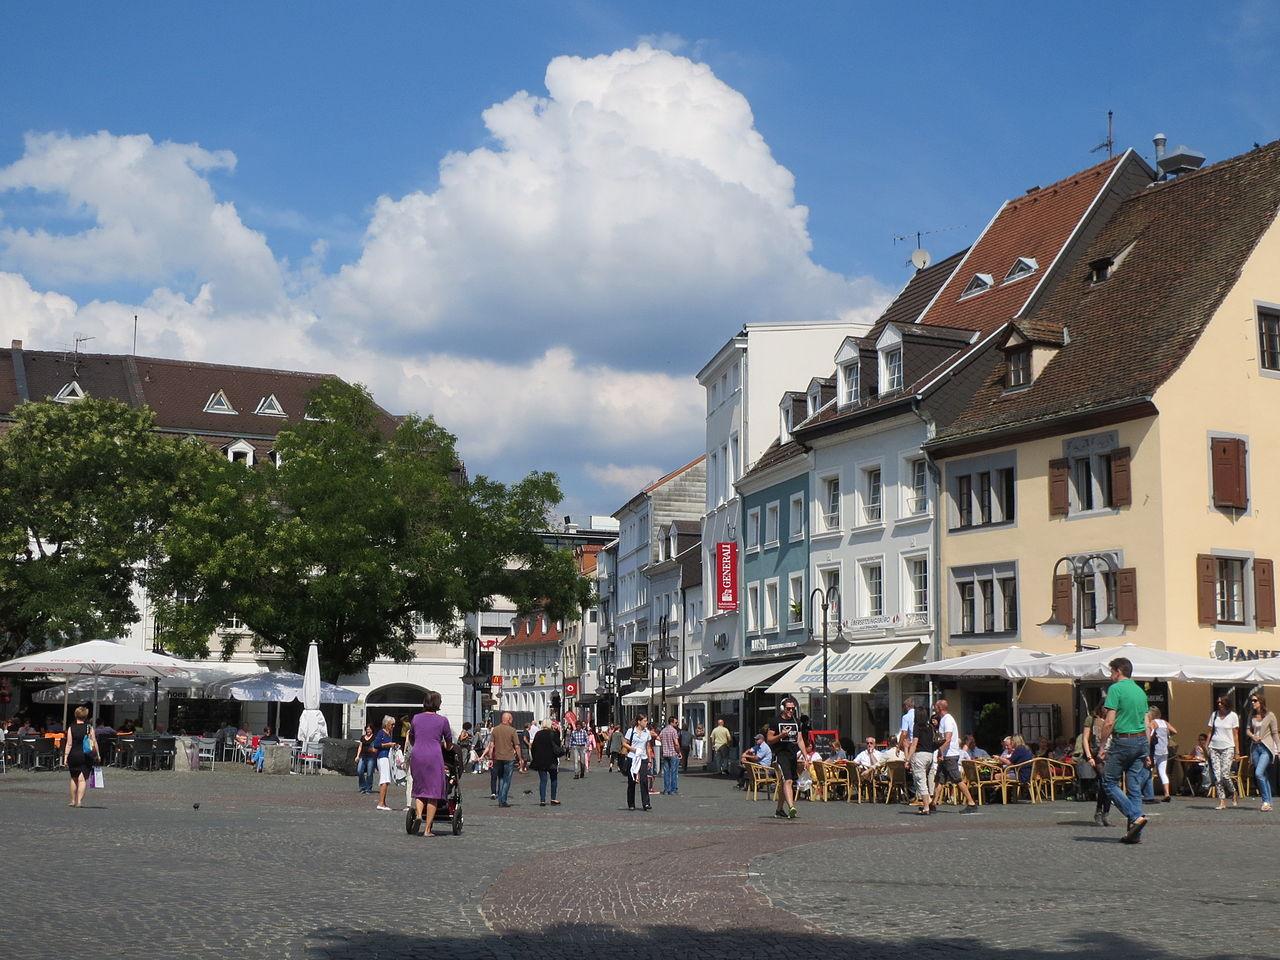 20130829St Johanner Markt.jpg